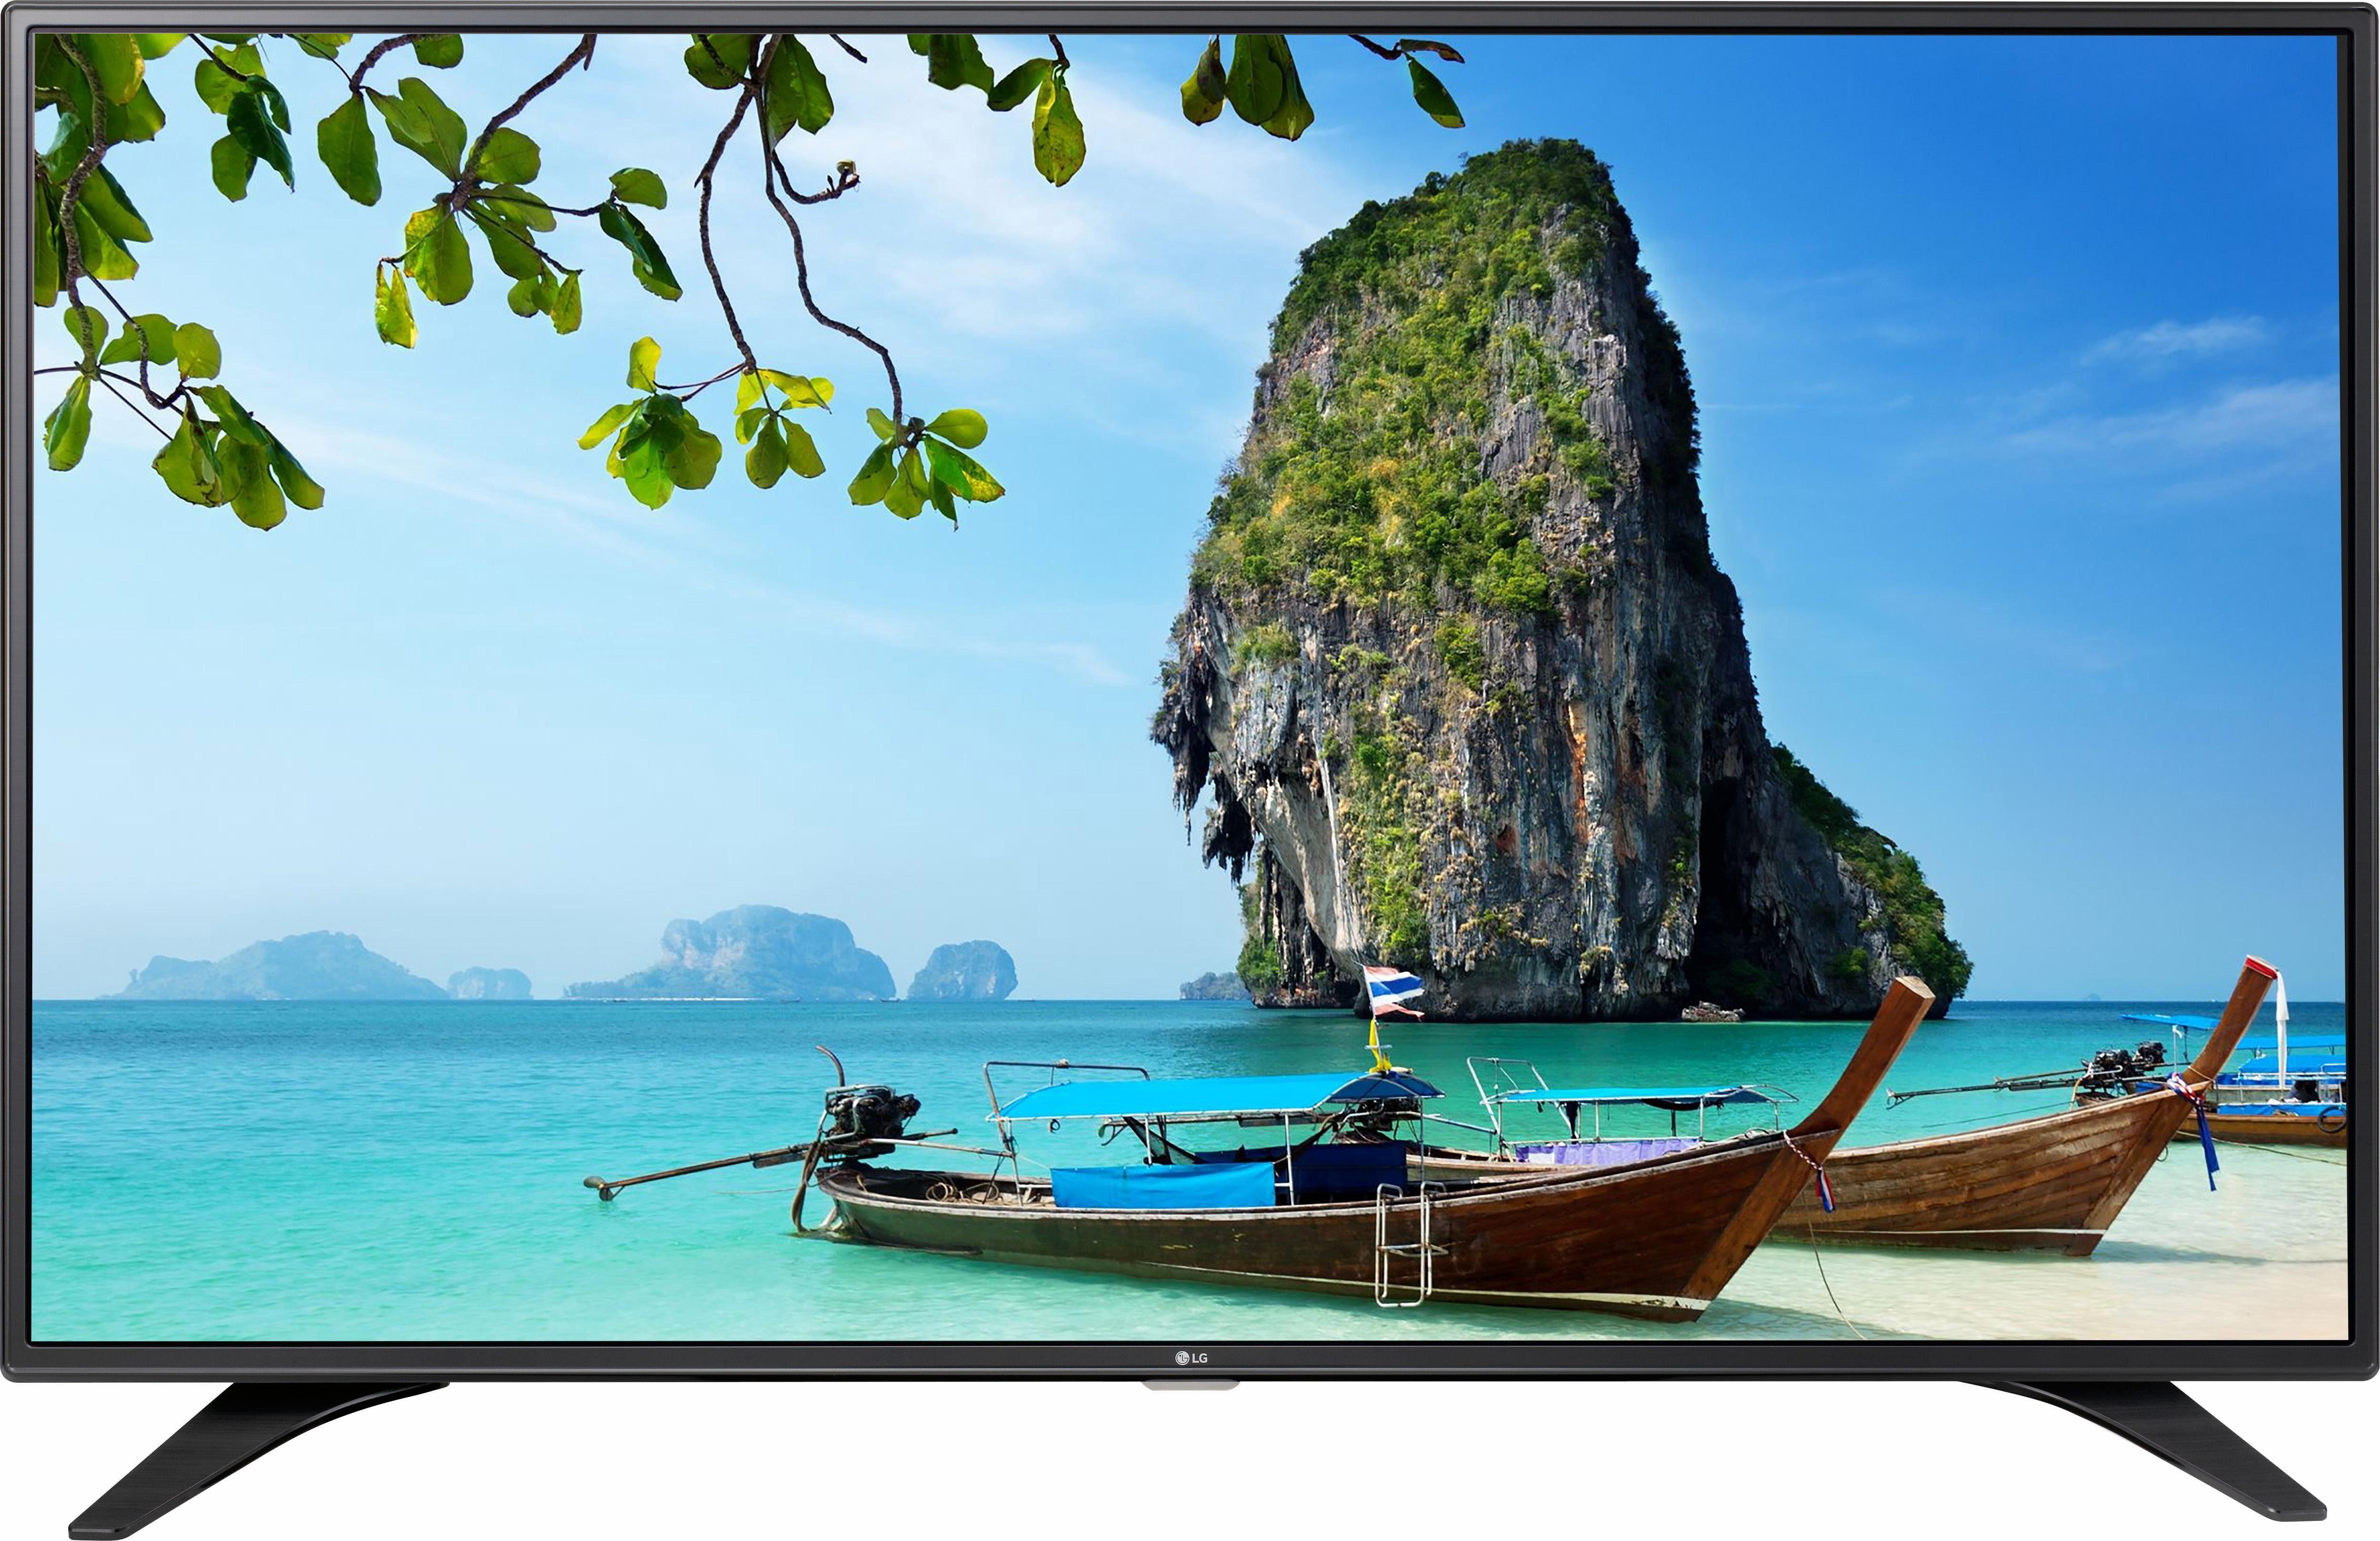 LG 43LH604V, LED Fernseher, 108 cm (43 Zoll), 1080p (Full HD), Smart-TV